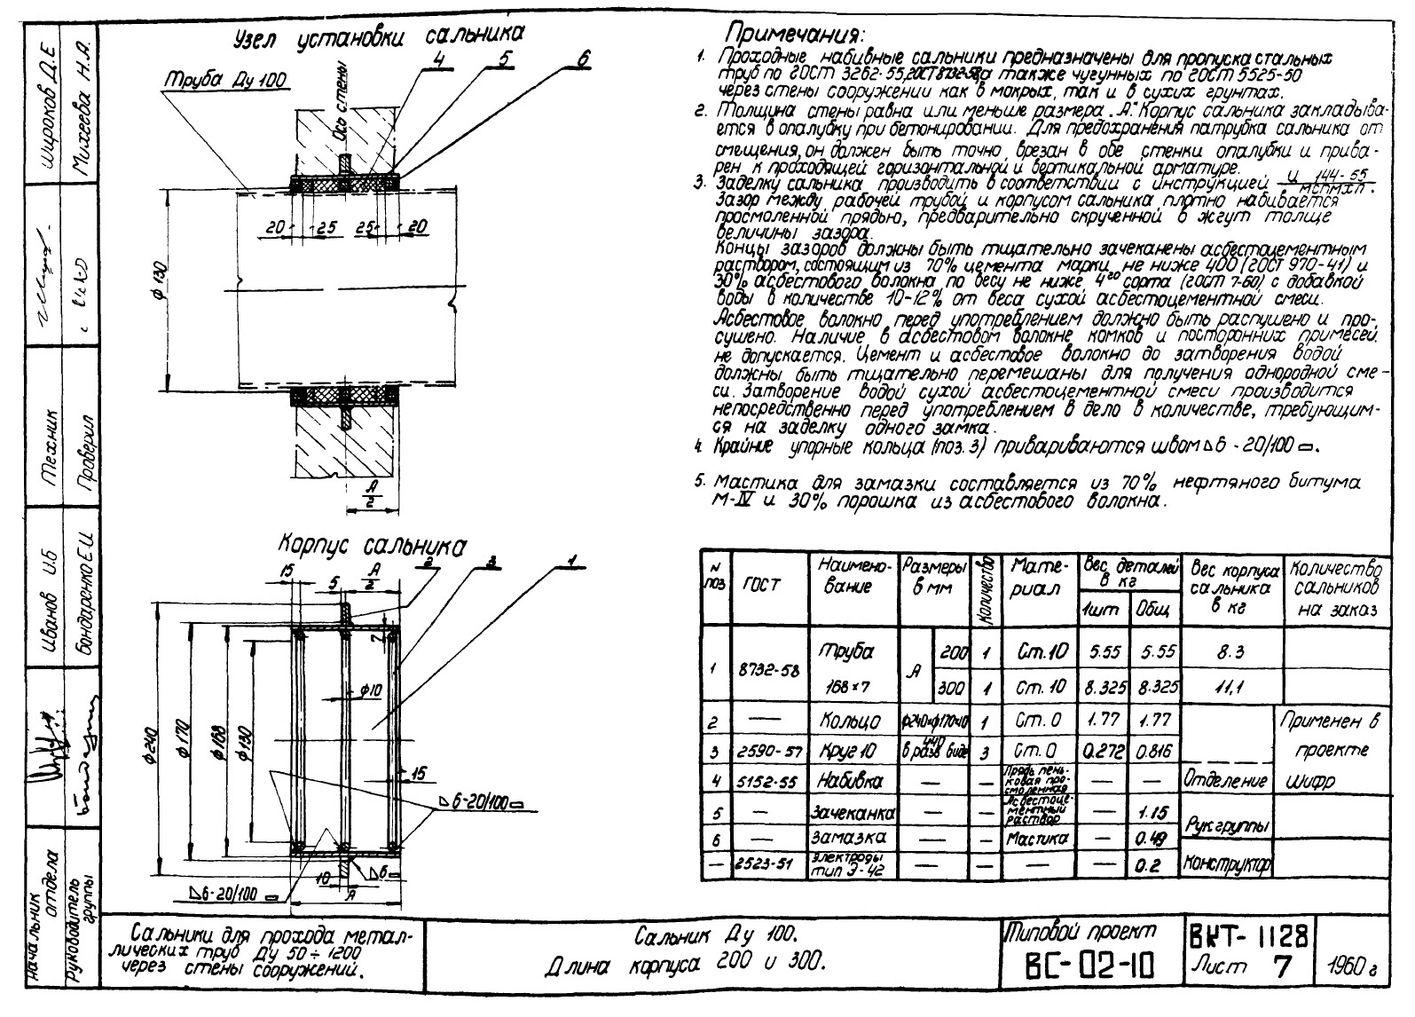 Сальники набивные L = 200 мм типовой проект ВС-02-10 стр.3